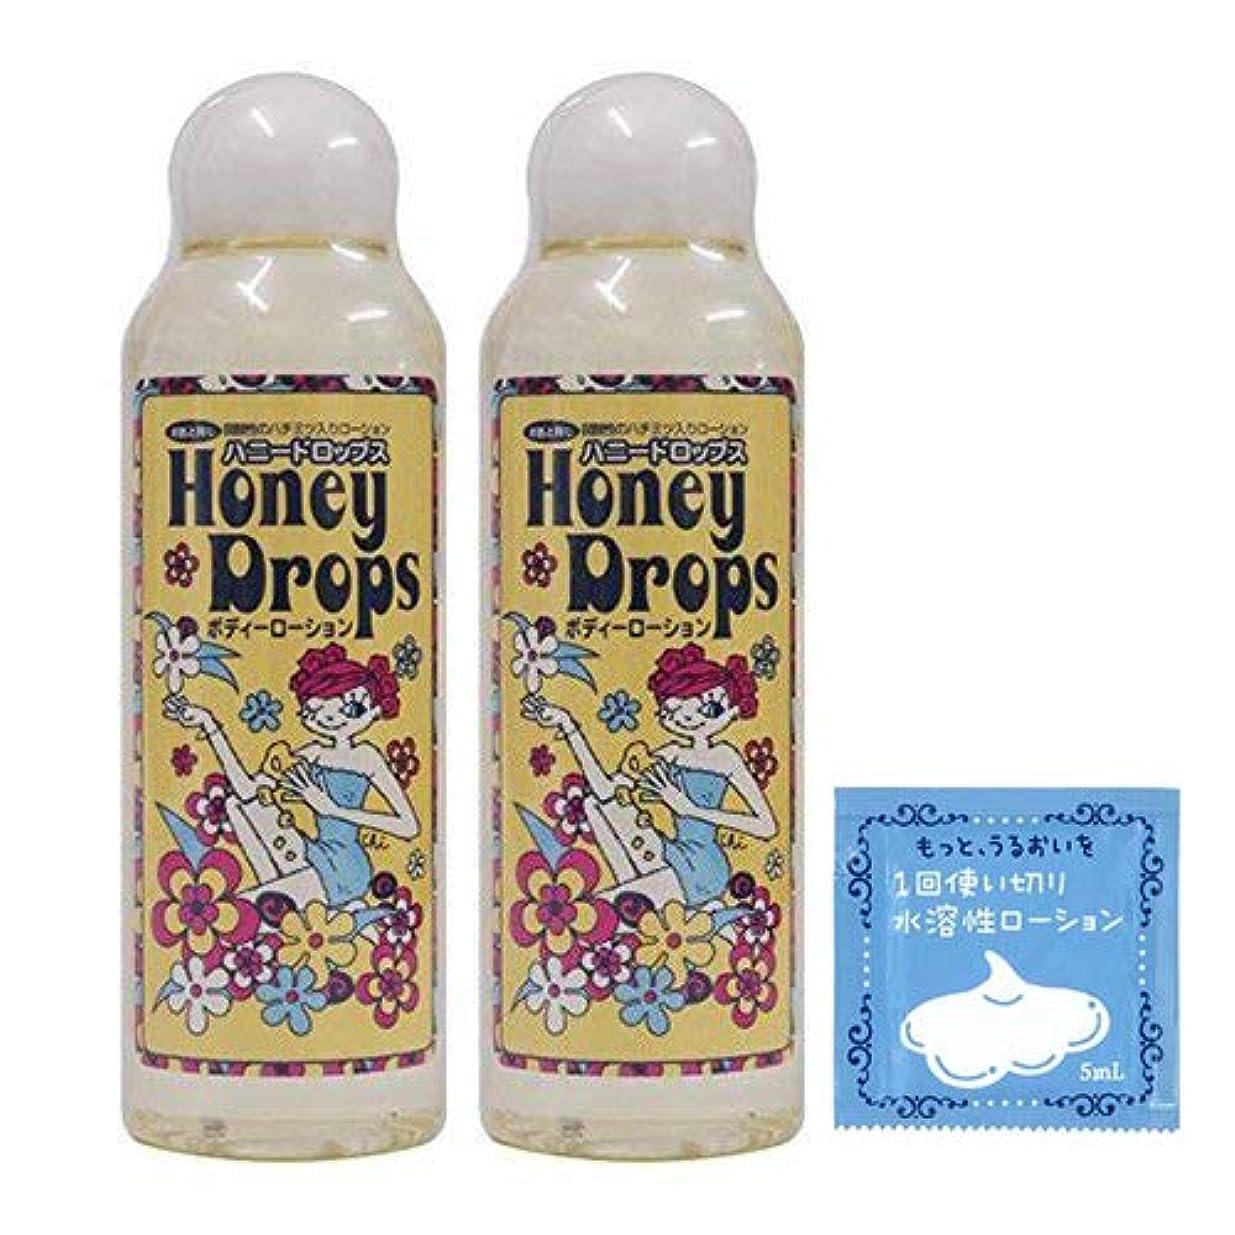 フライカイトコーデリア長々とハニードロップス150mL HoneyDrops150 ×2本 + 1回使い切り水溶性潤滑ローション